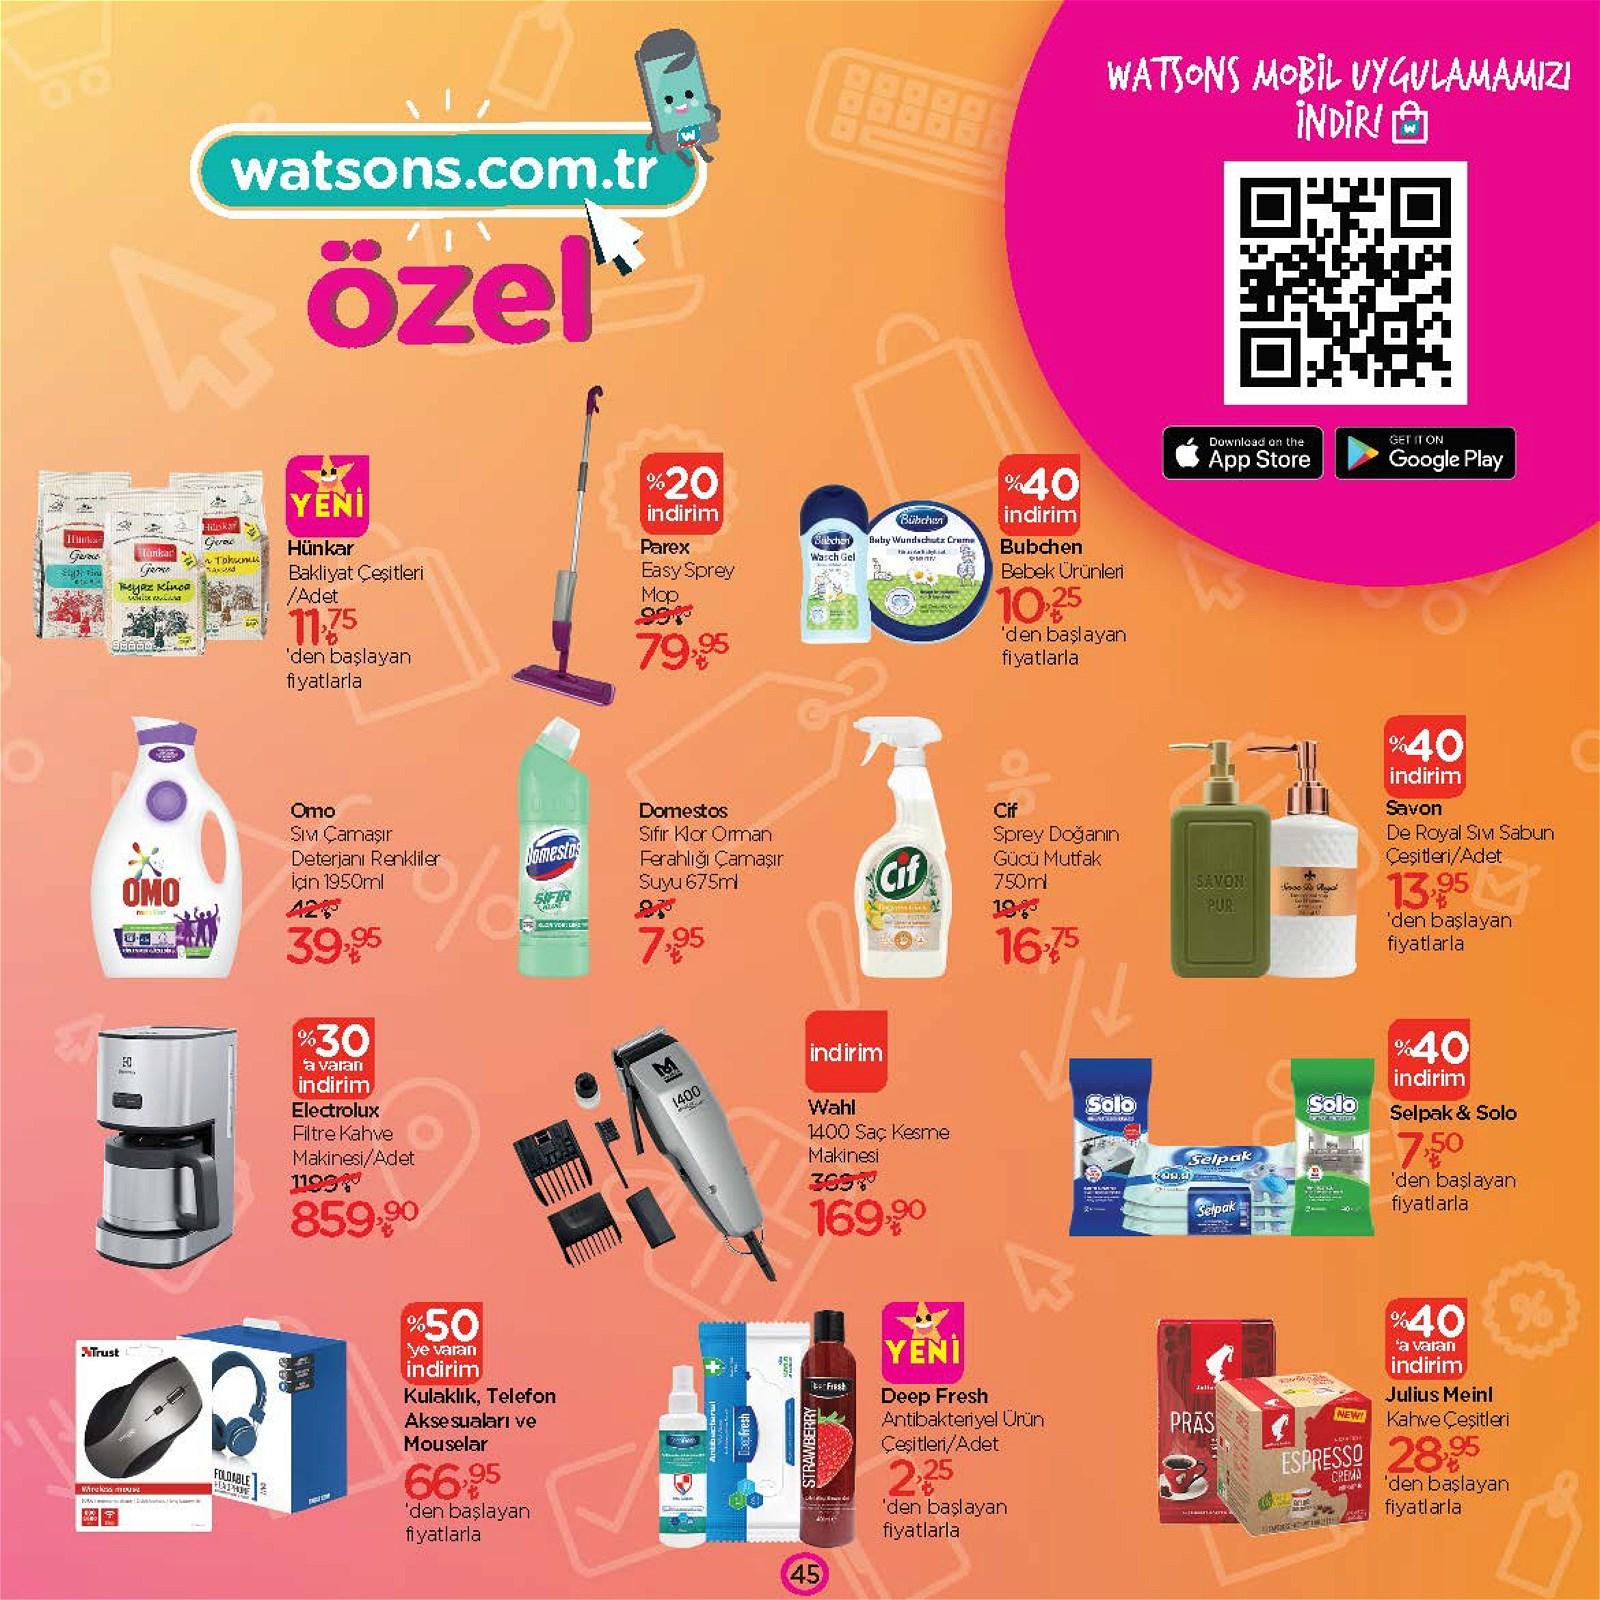 07.10.2021 Watsons broşürü 47. sayfa